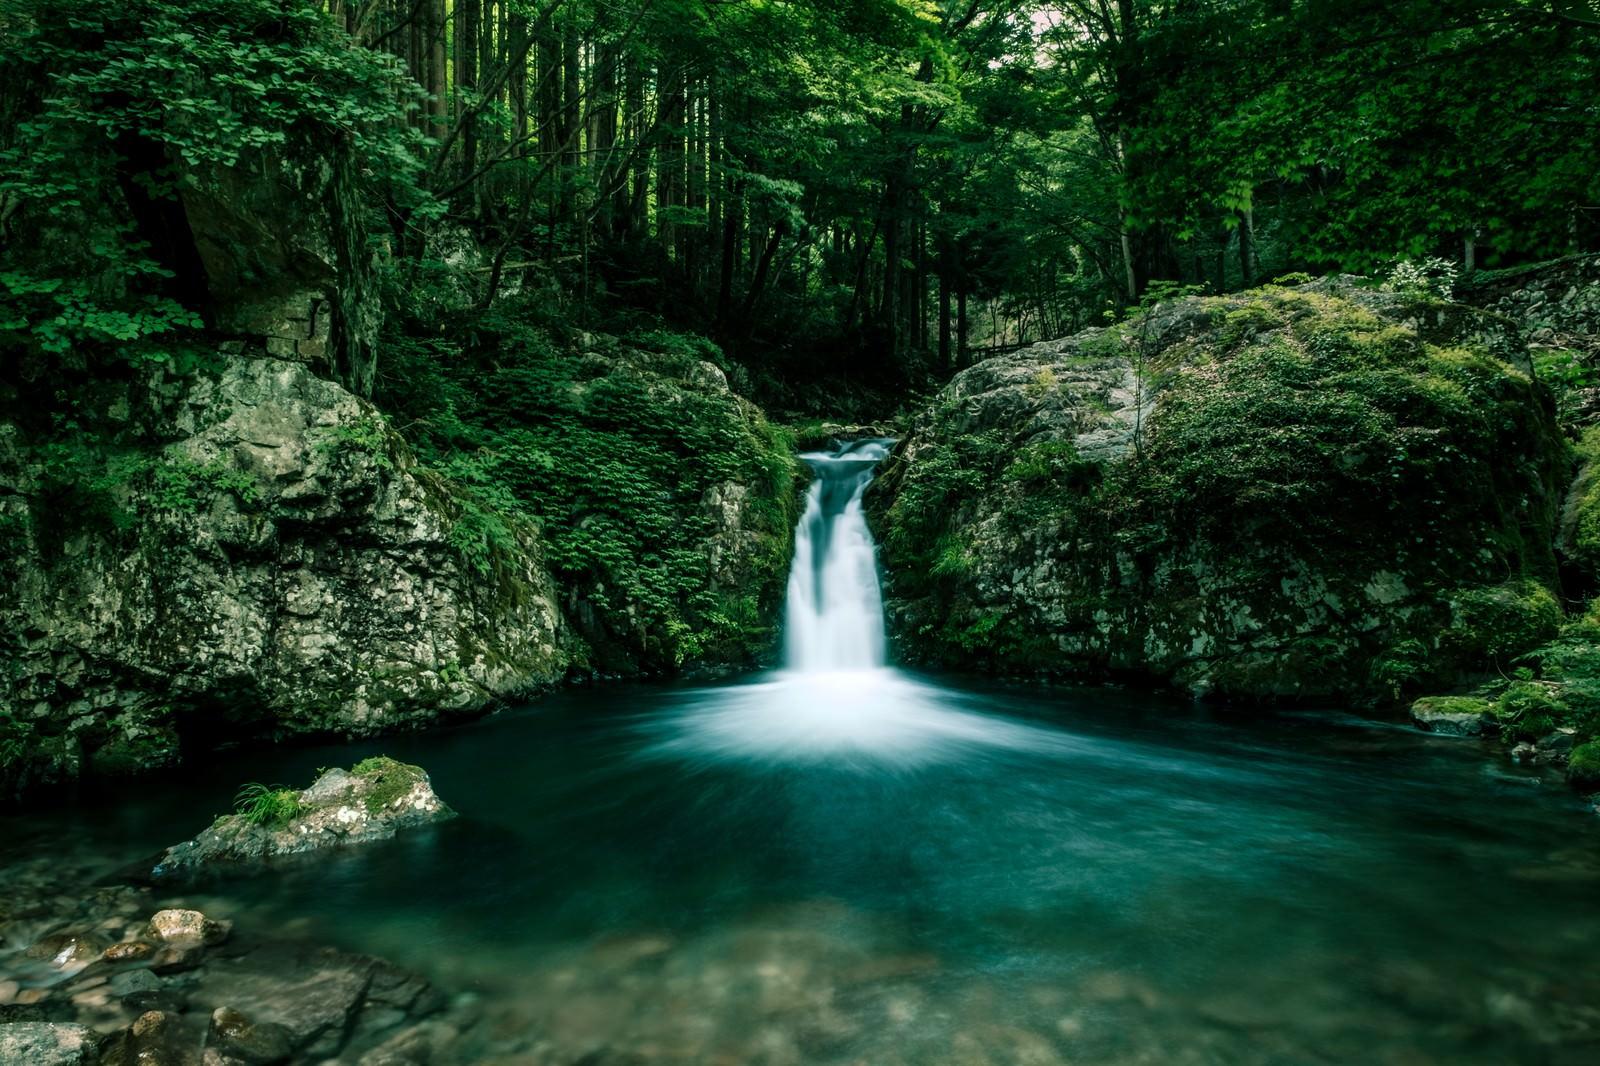 「小さな滝がある渓谷」の写真